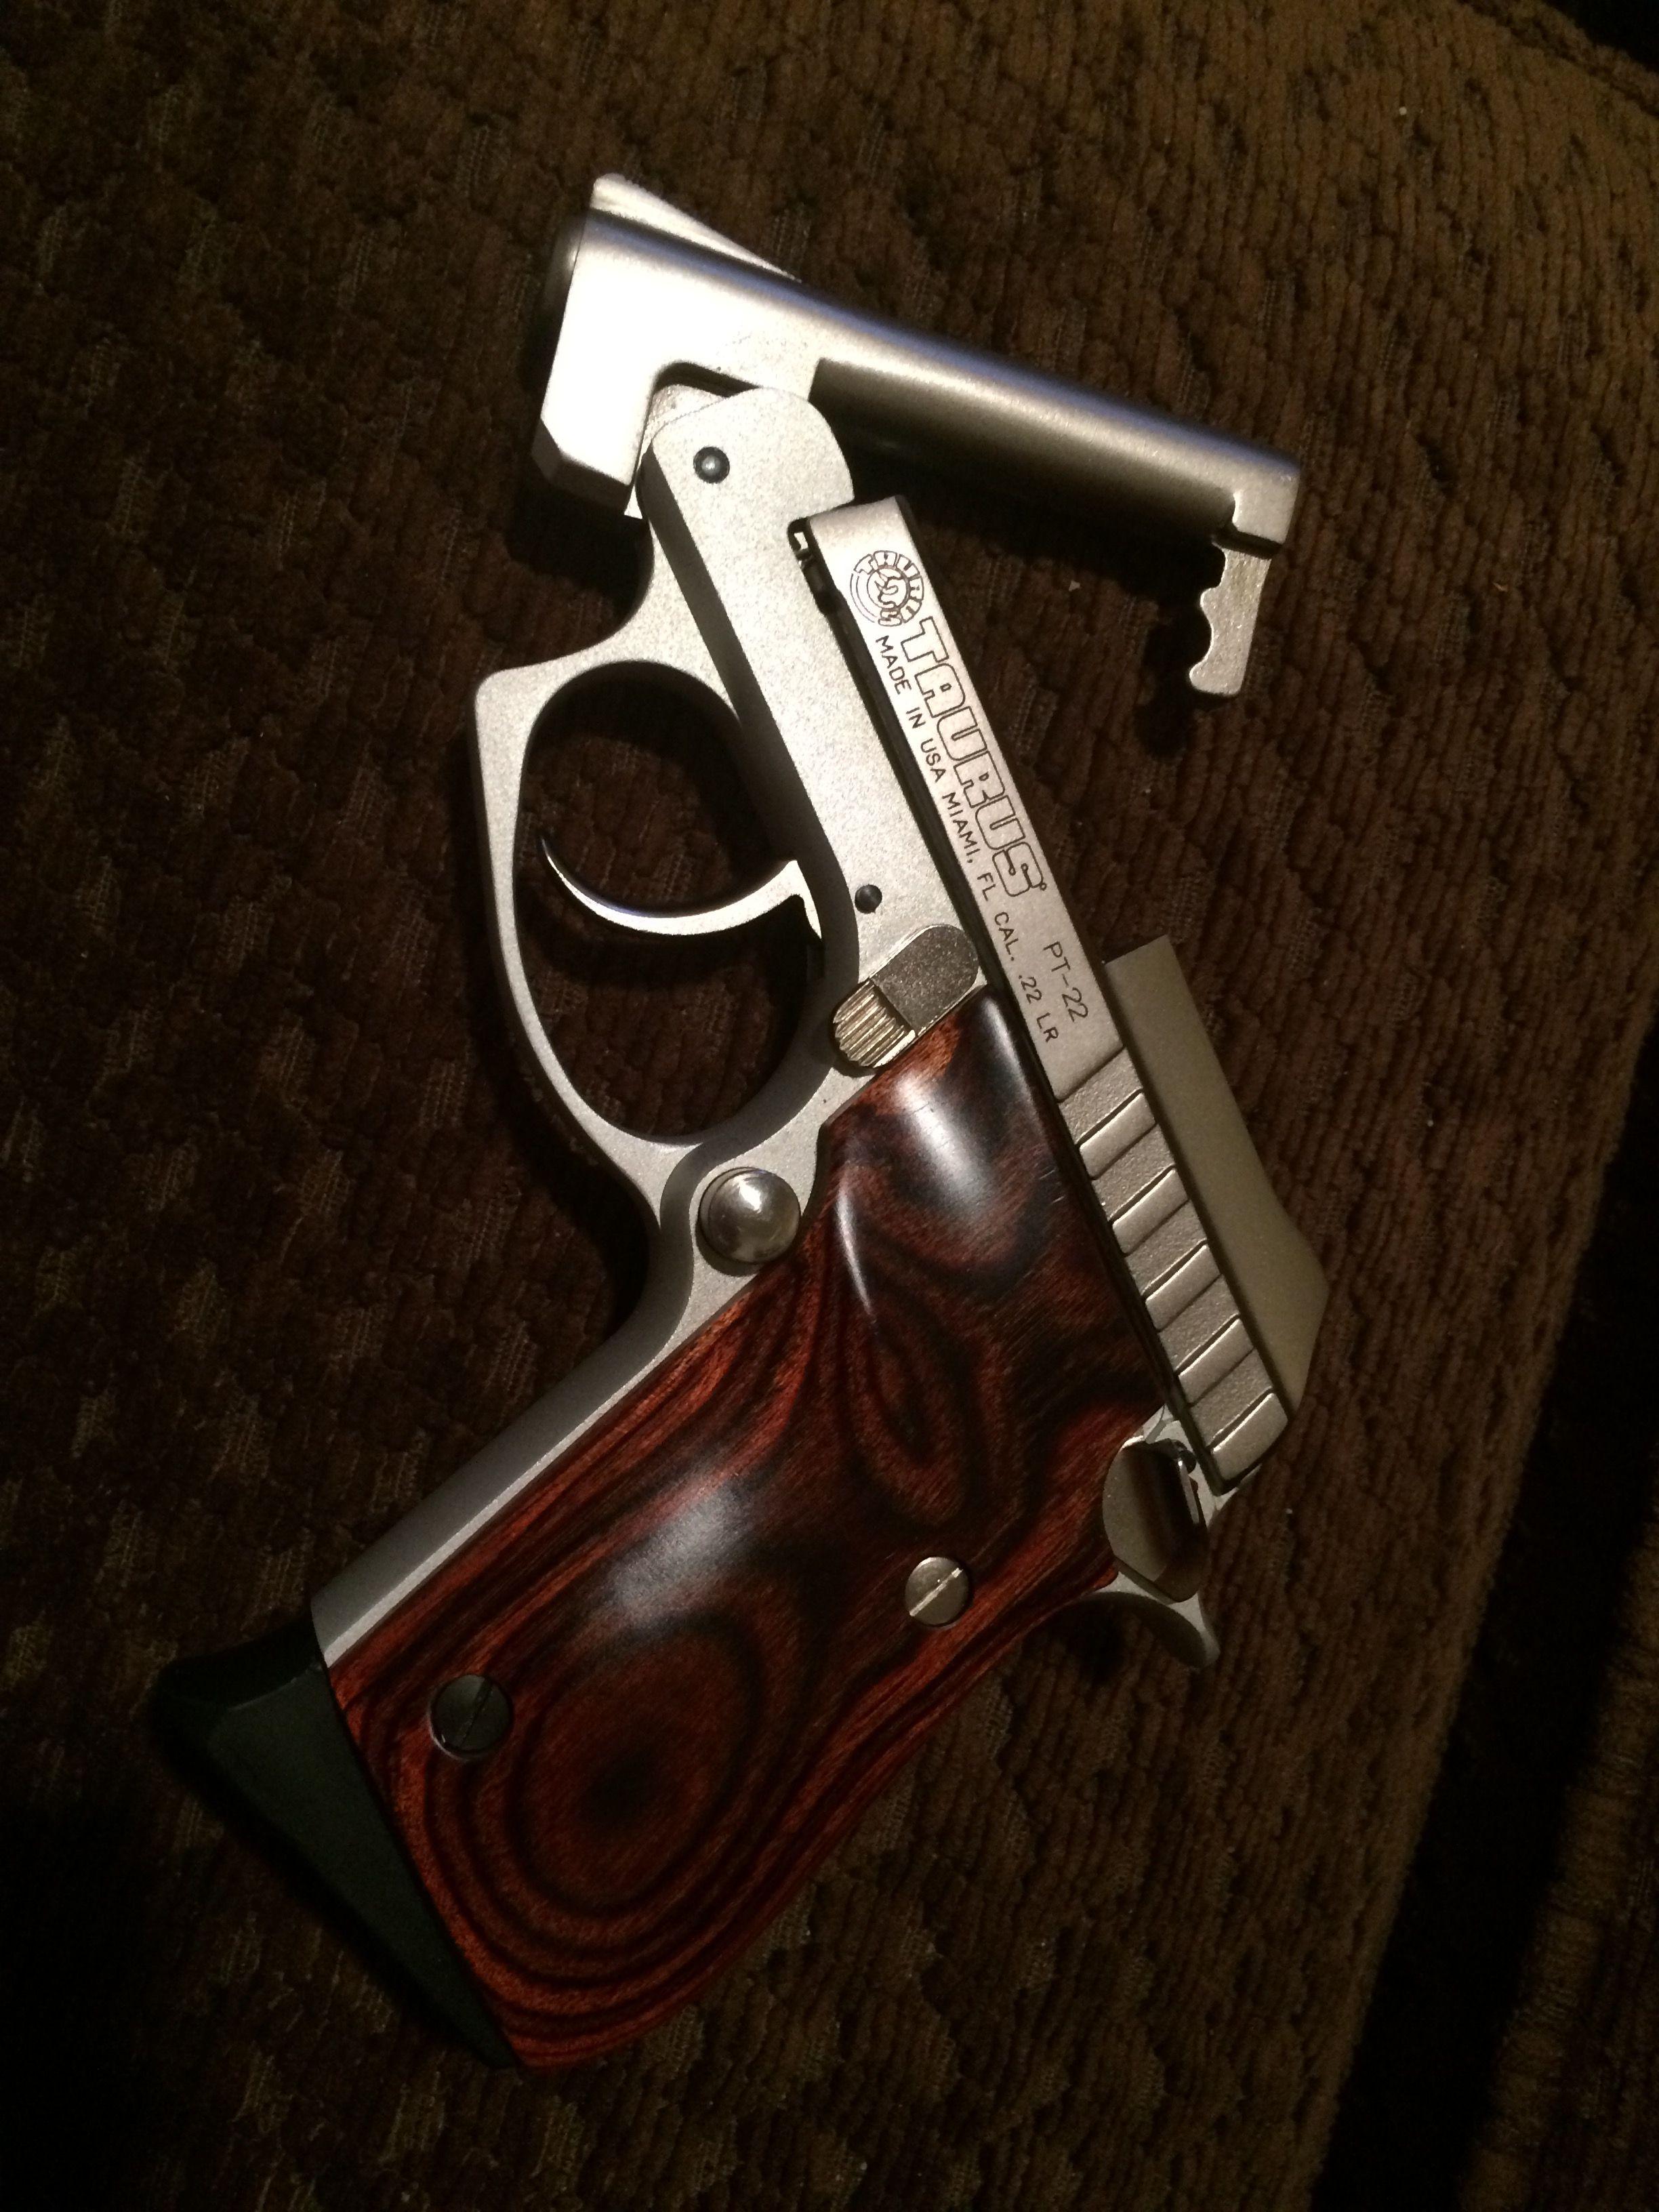 One Of My Guns A Taurus Pt 22 Guns Pinterest Guns Firearms